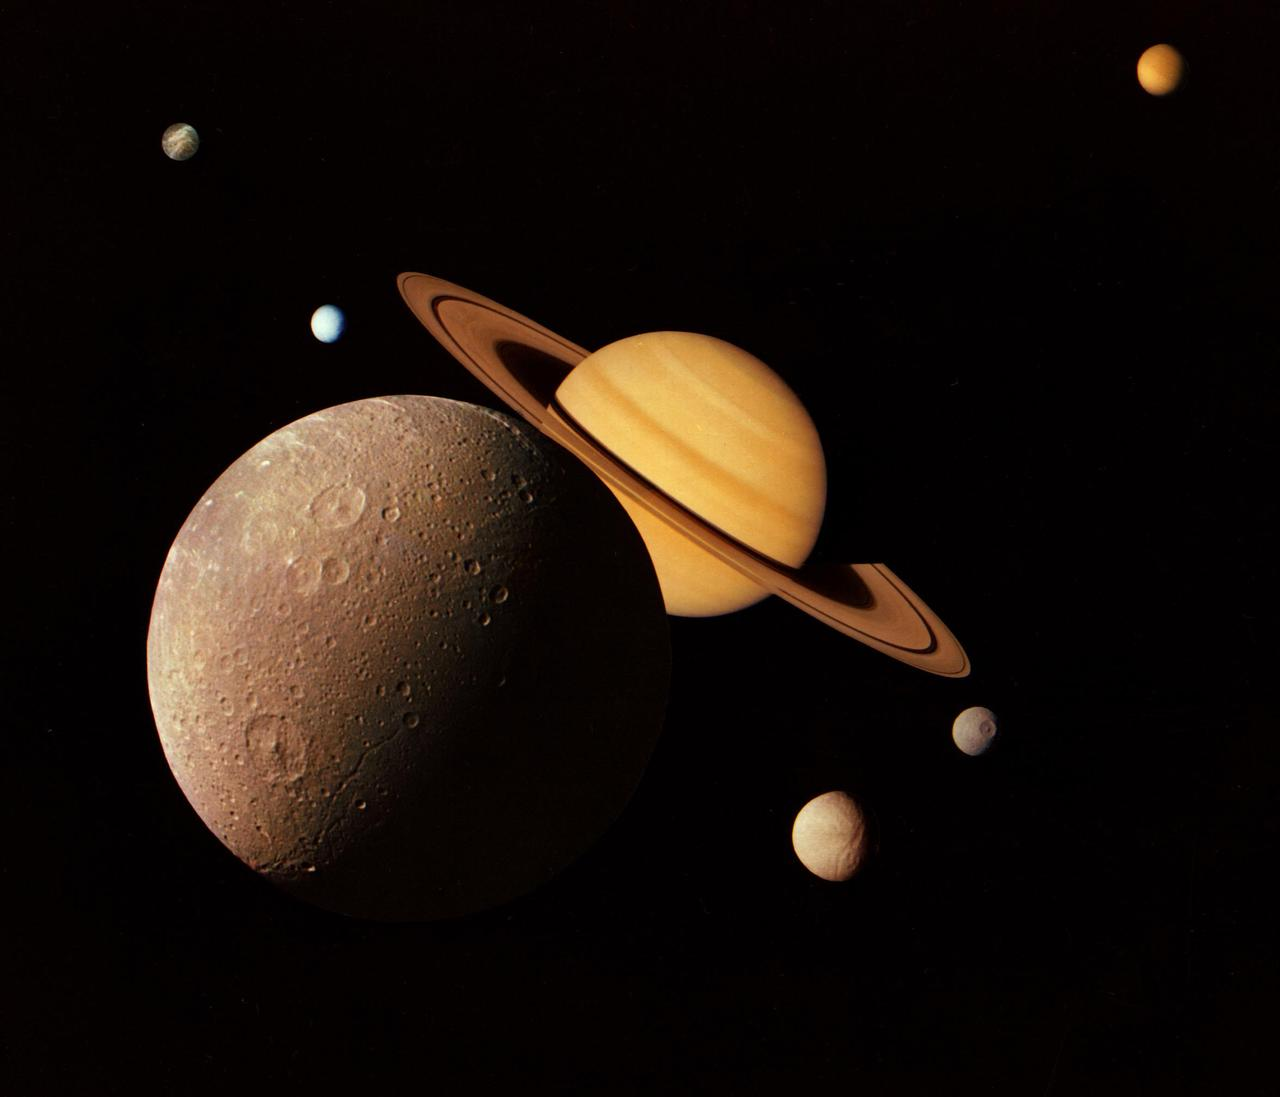 Saturno. Cielo nocturno Benarraba 2020